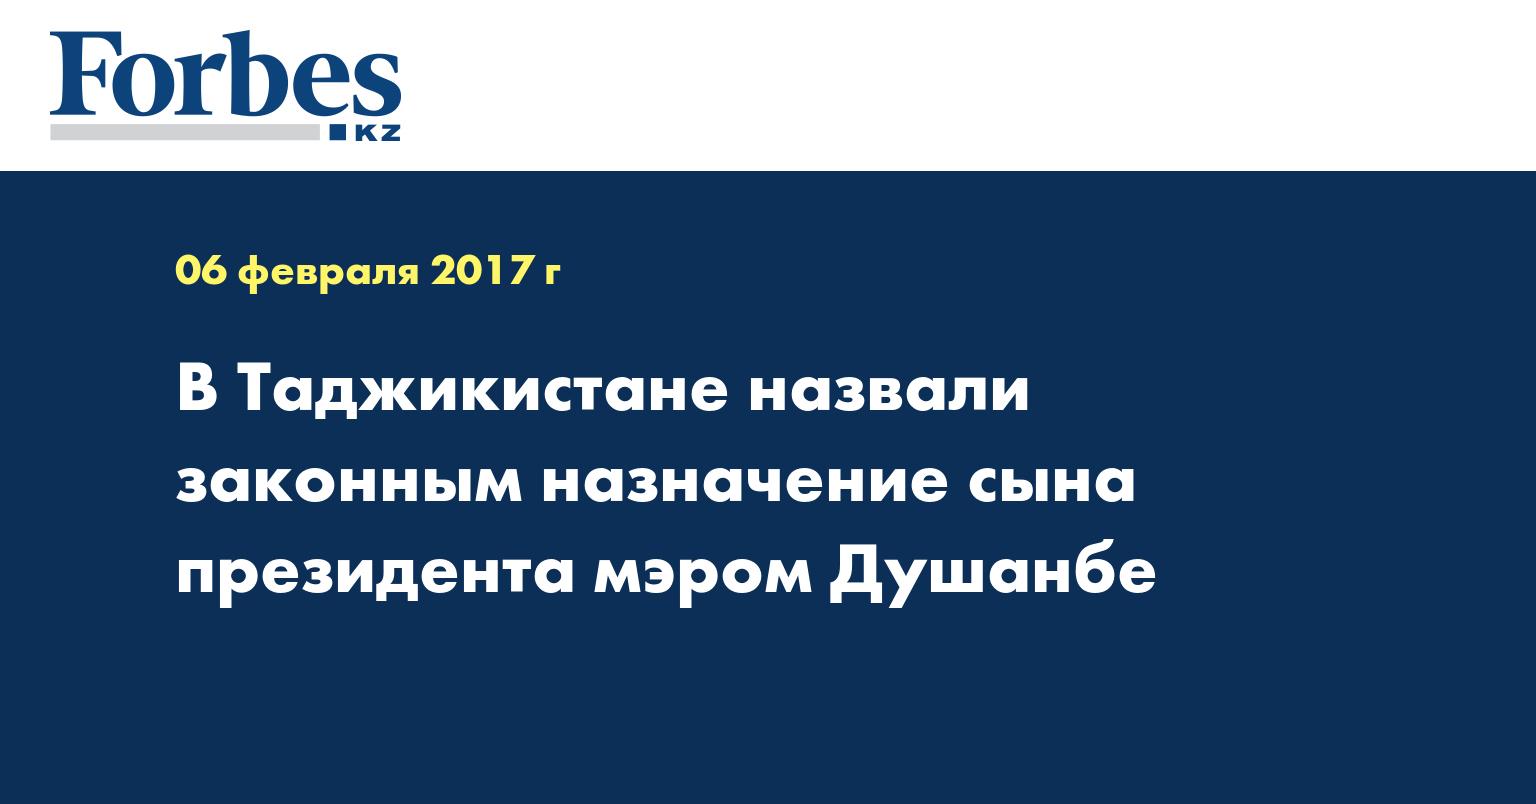 В Таджикистане назвали законным назначение сына президента мэром Душанбе